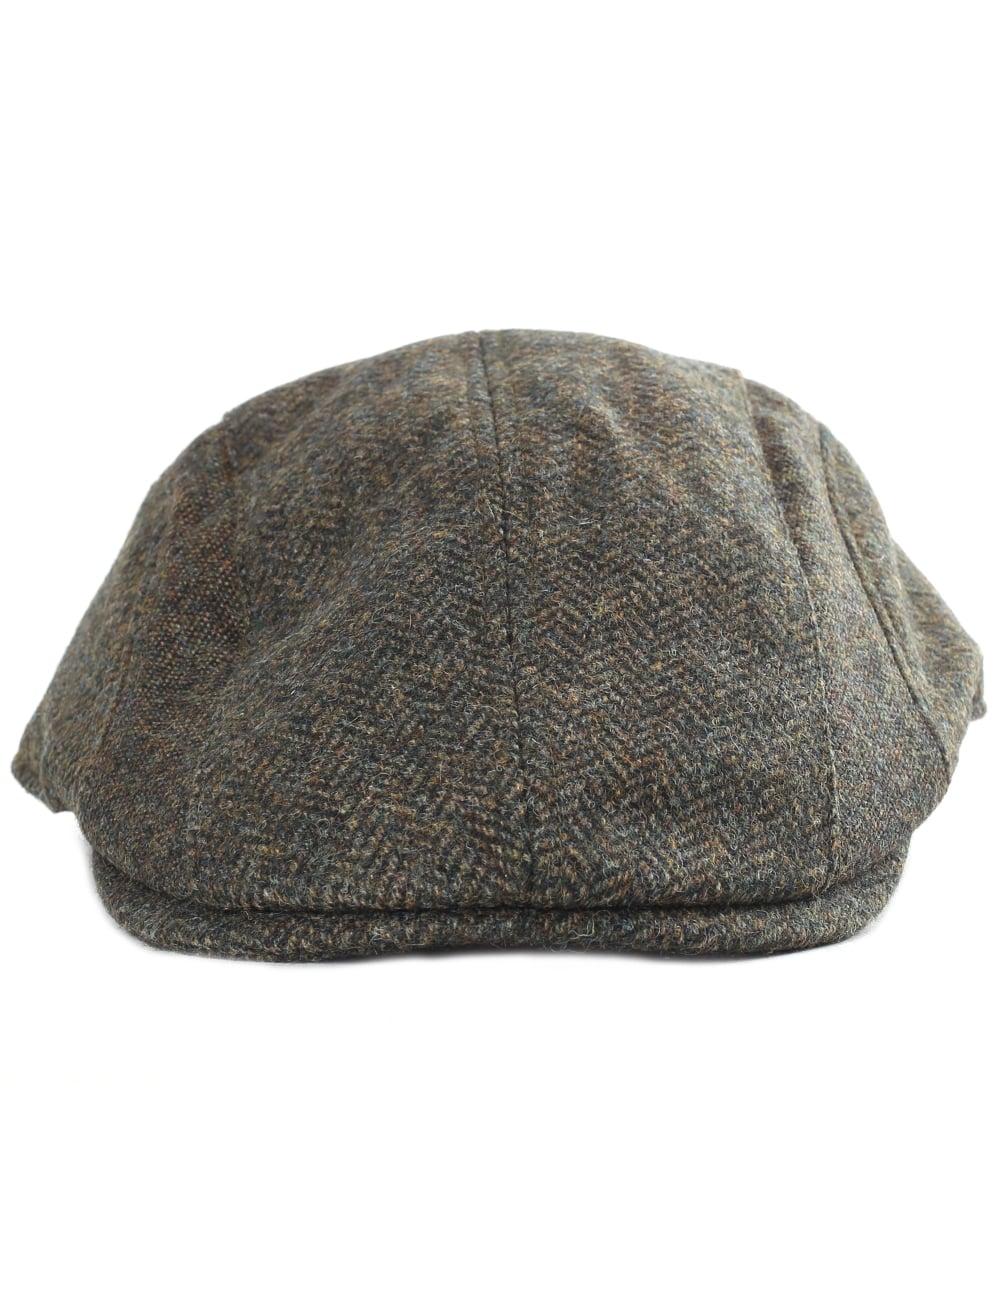 Barbour Herringbone Men s Tweed Cap cf930ec3fb7